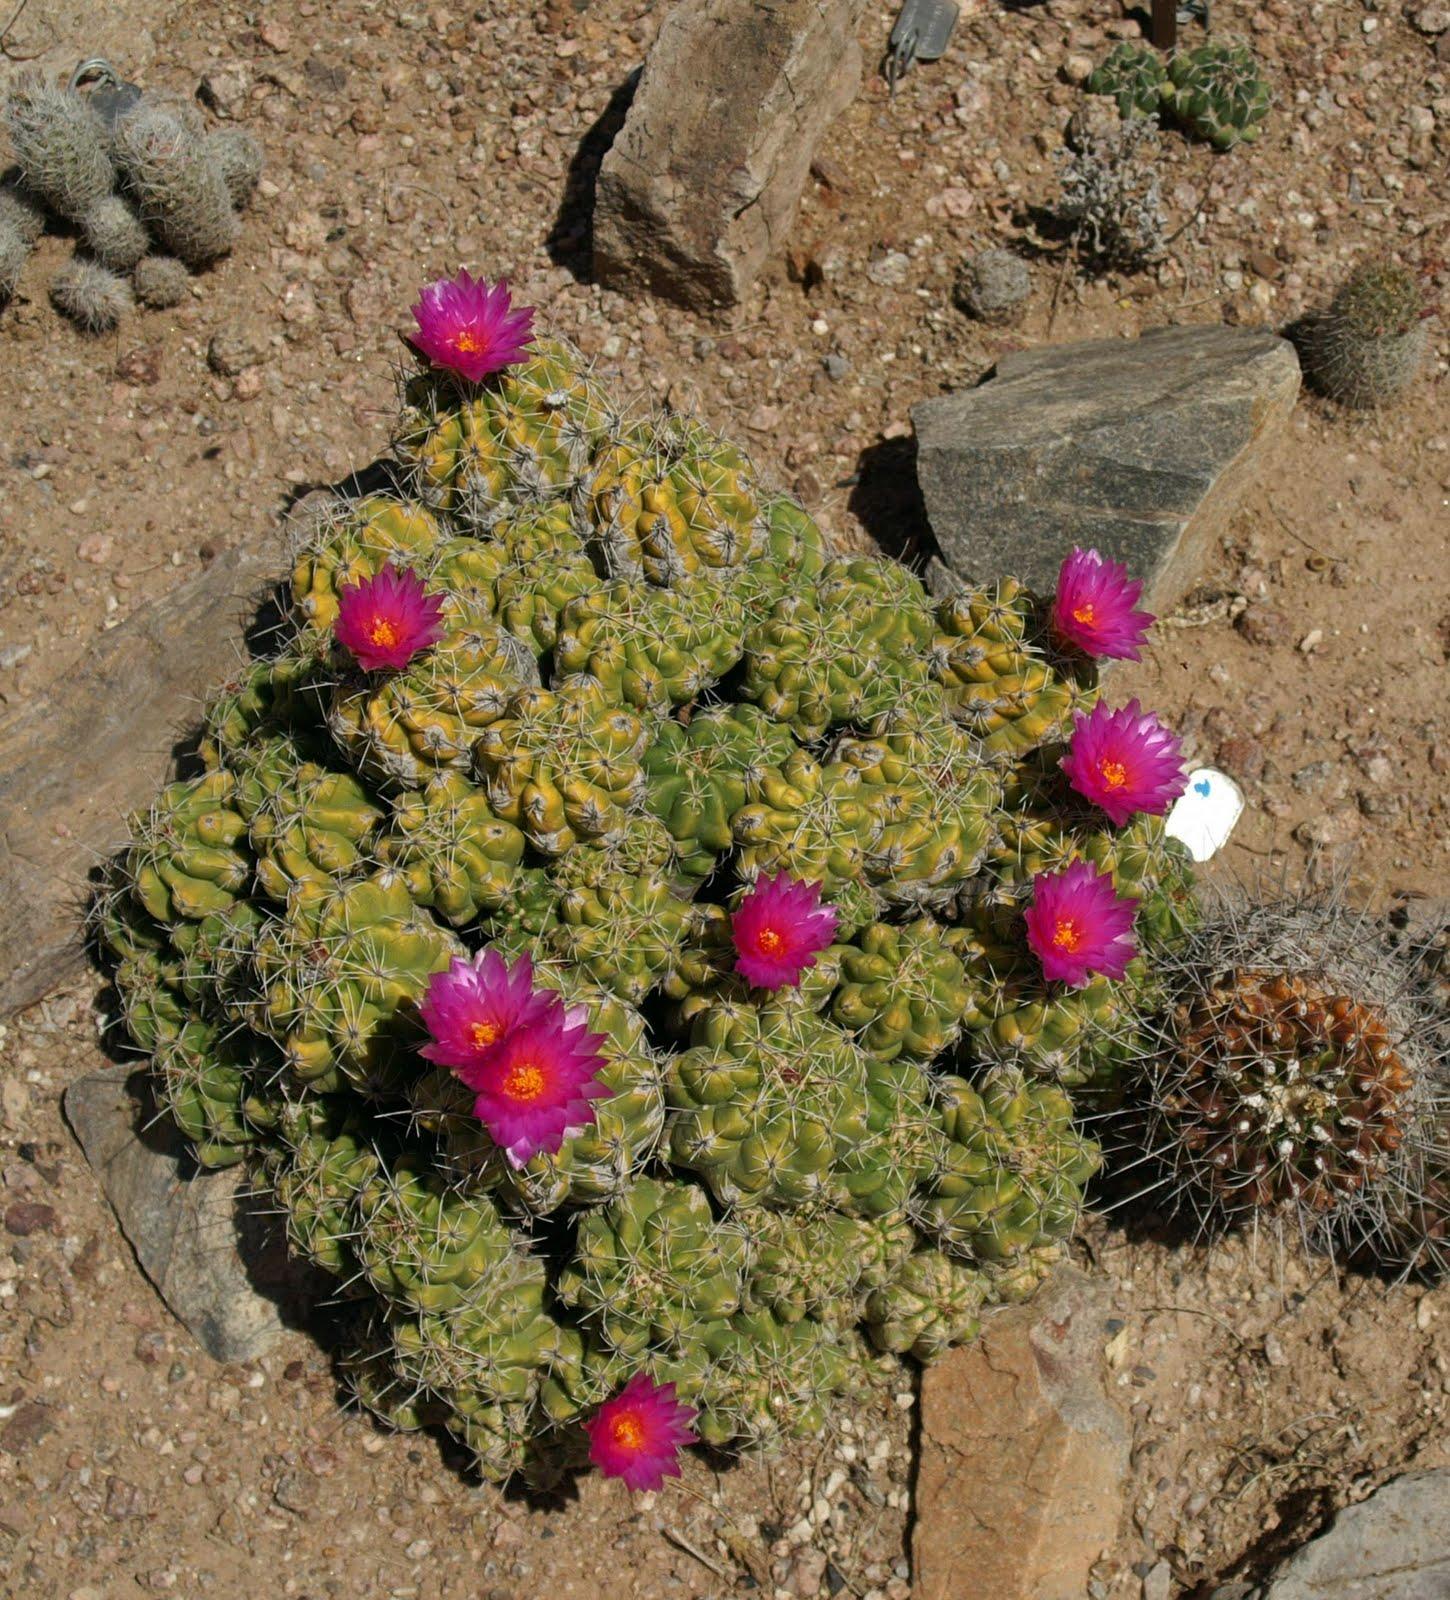 Annie and Rich\'s Travel Adventures: Arizona - Phoenix - Botanical Garden